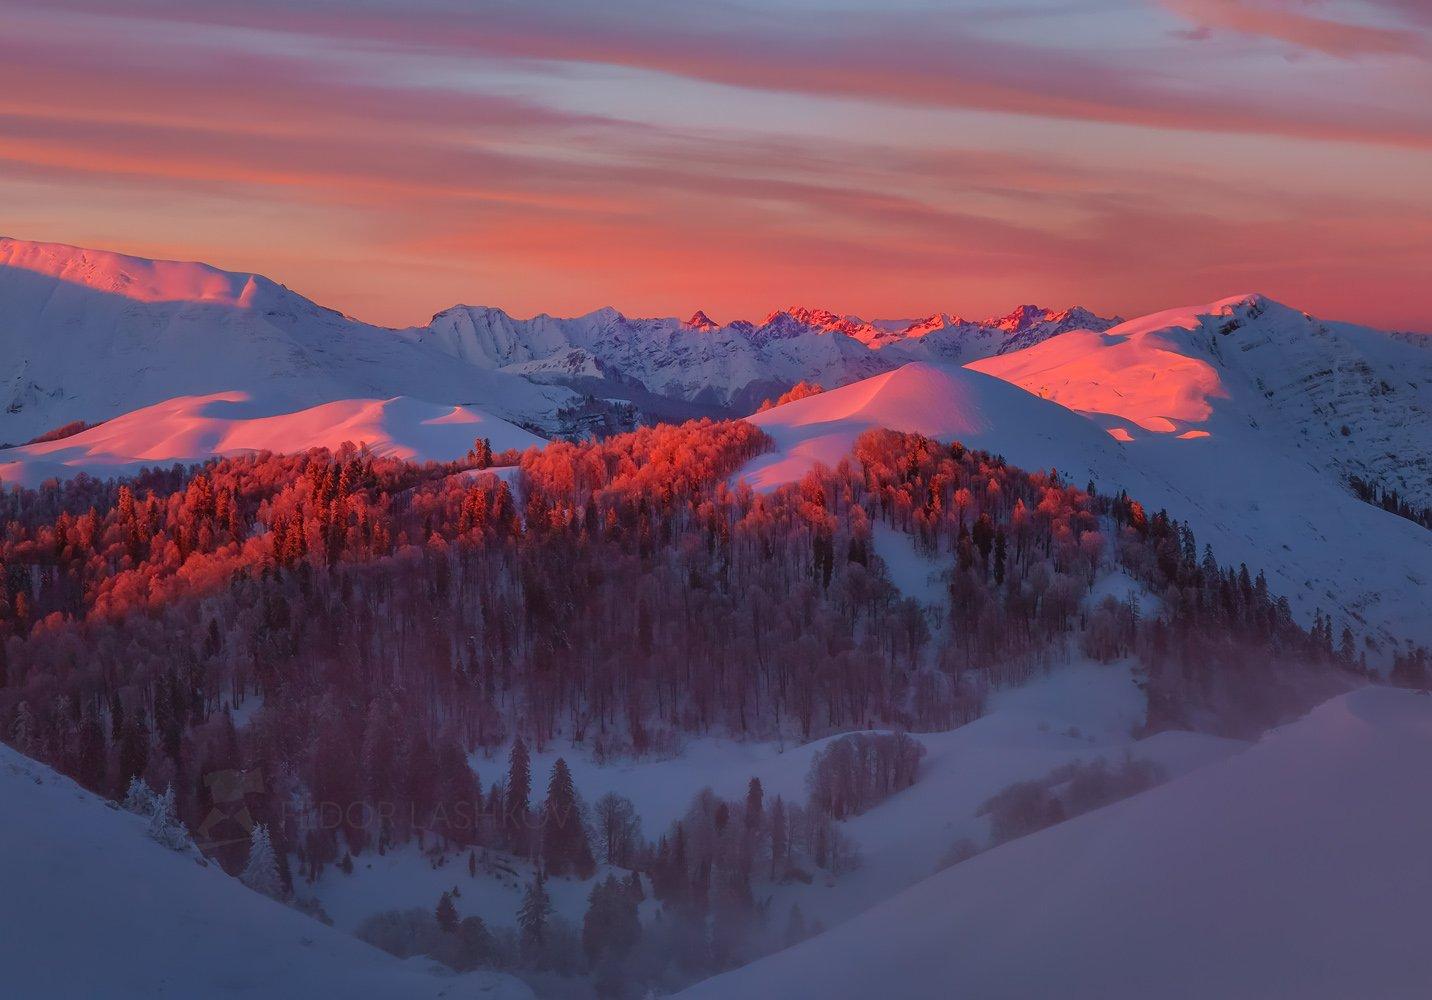 абхазия, путешествие, туризм, горы, зима, лес, горы, в горах, мамдзышха, пихта, снег, склоны, закат, розовый, в снегу, небо, красочно, в снегу,, Лашков Фёдор